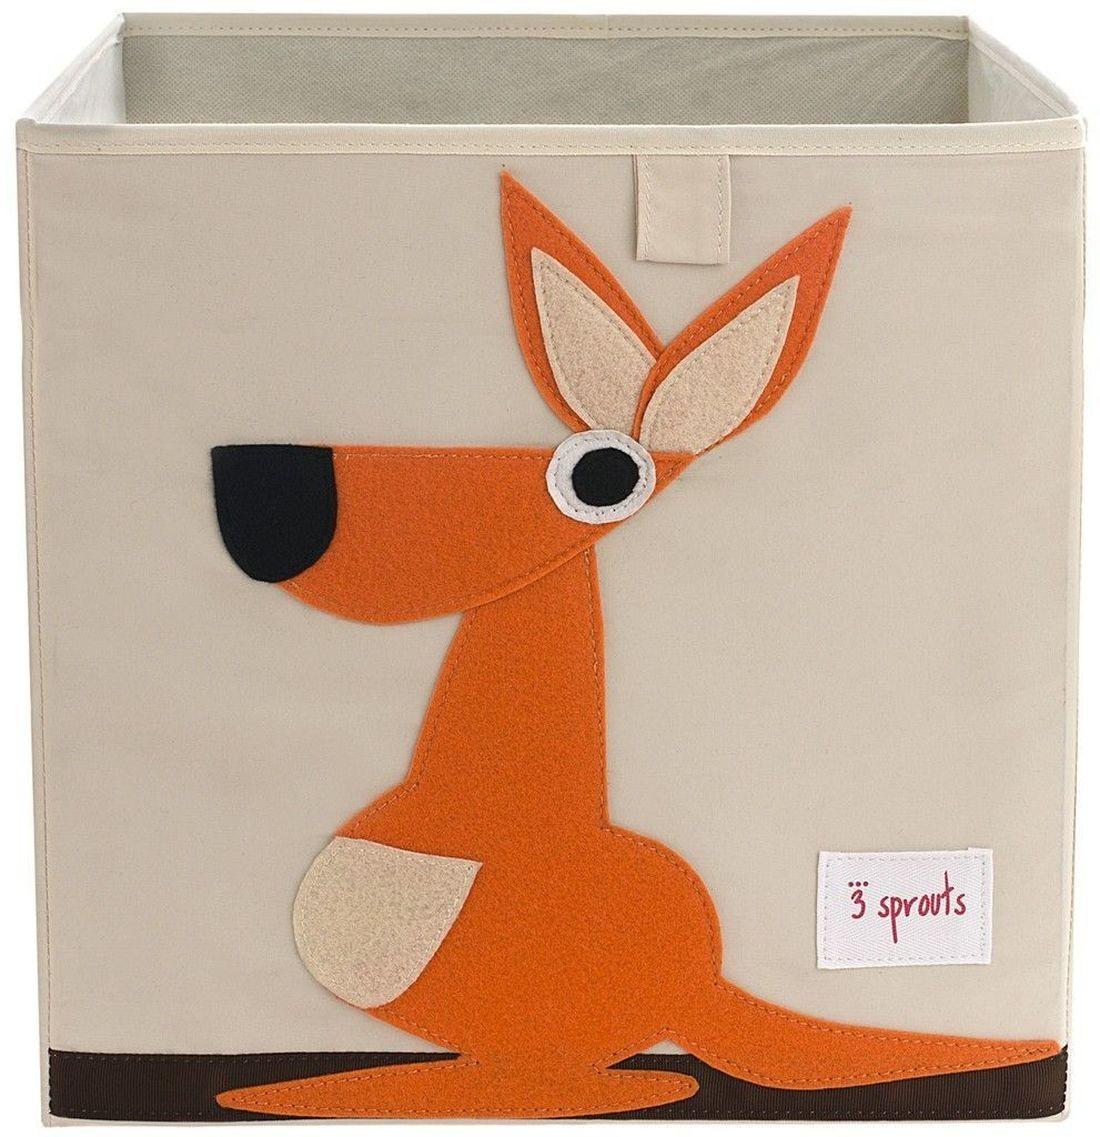 Aufbewahrungsbox k nguru 3 sprouts kleine fabriek for Kinderzimmer aufbewahrungsbox